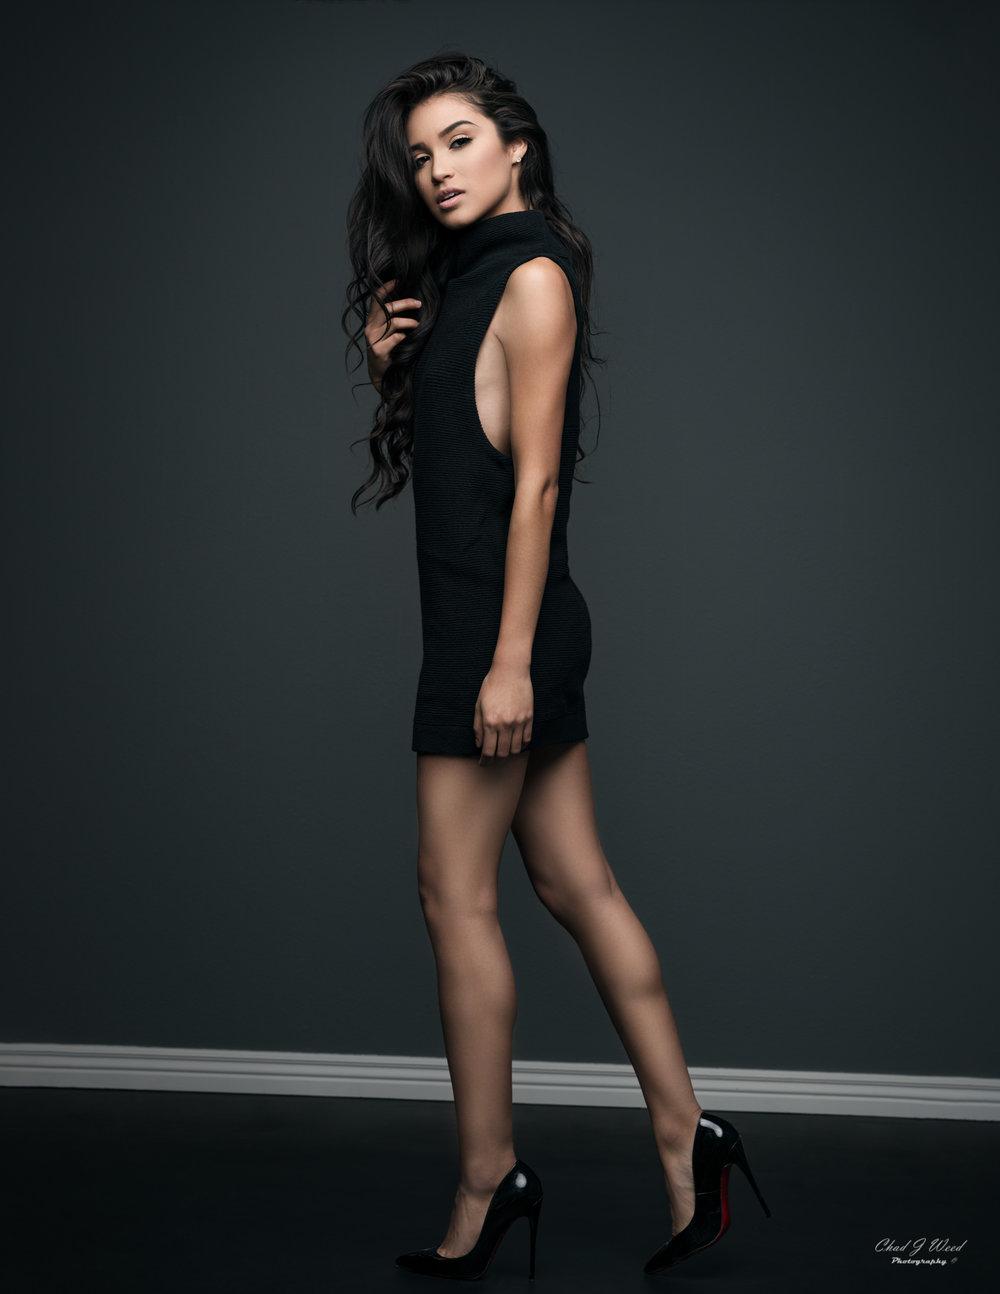 Zari Fashion Glamour Model by Mesa Arizona Portrait Photographer Chad Weed